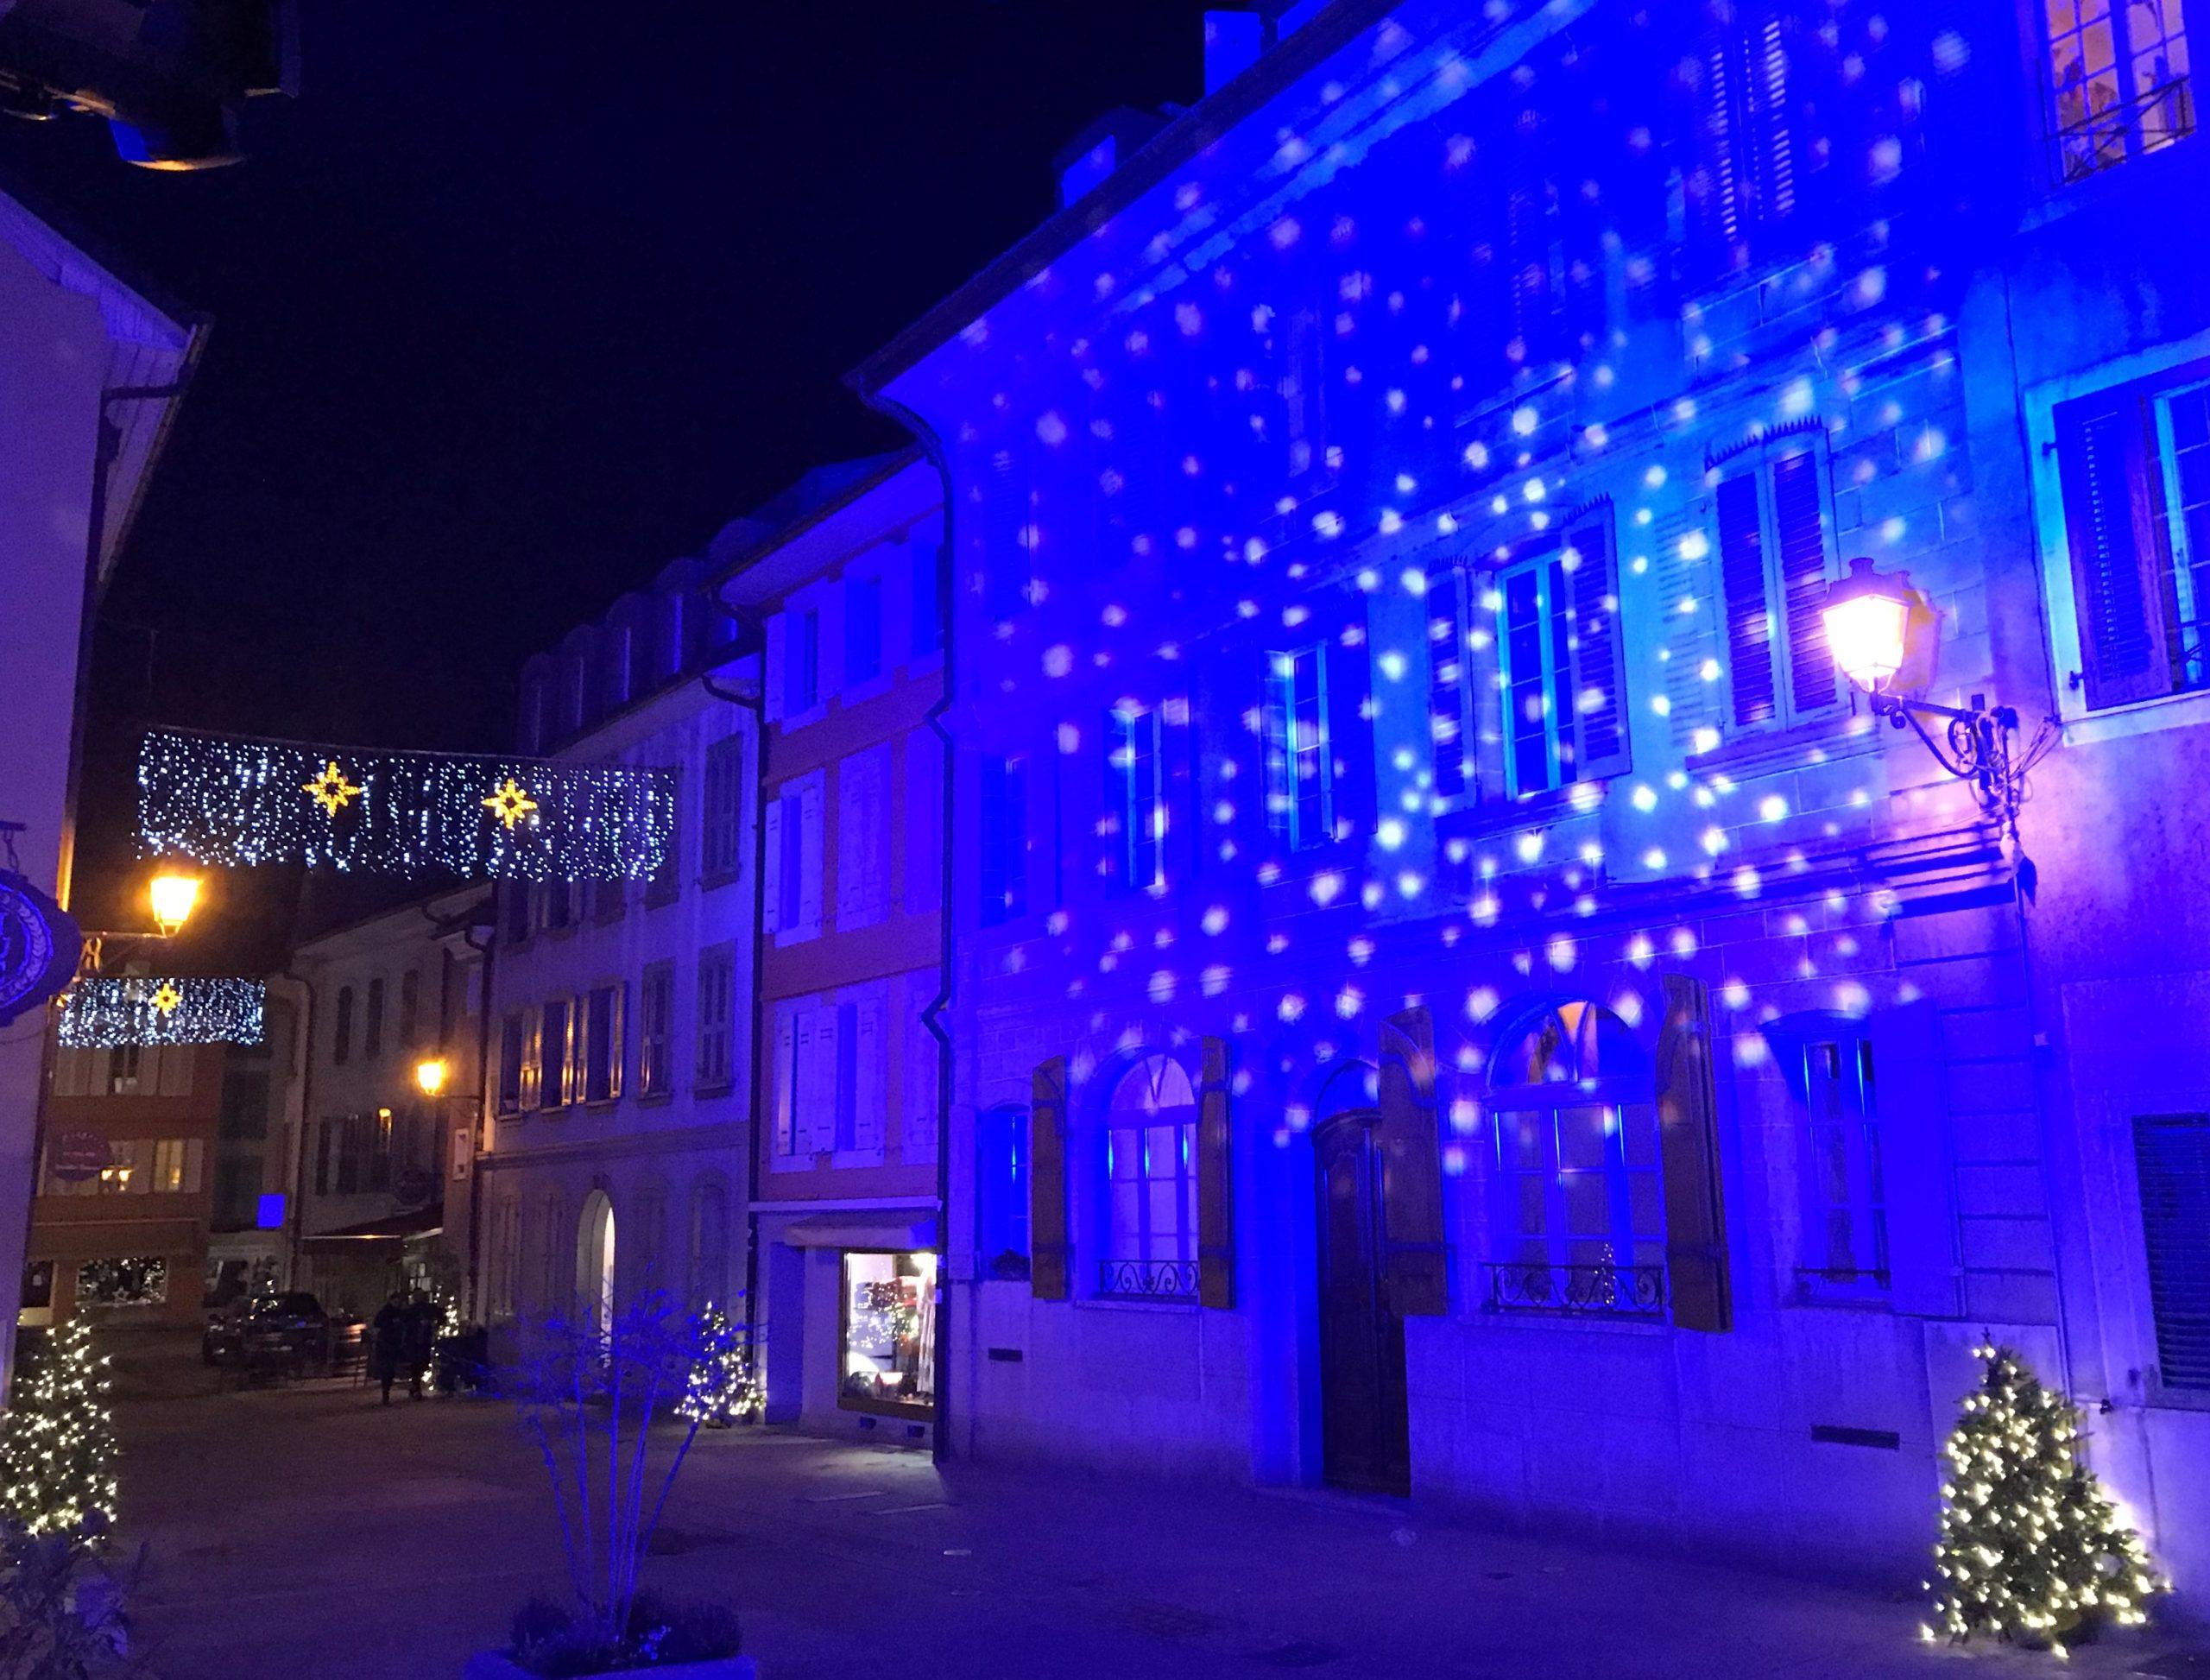 Rue de Rive, façade illuminée en bleu